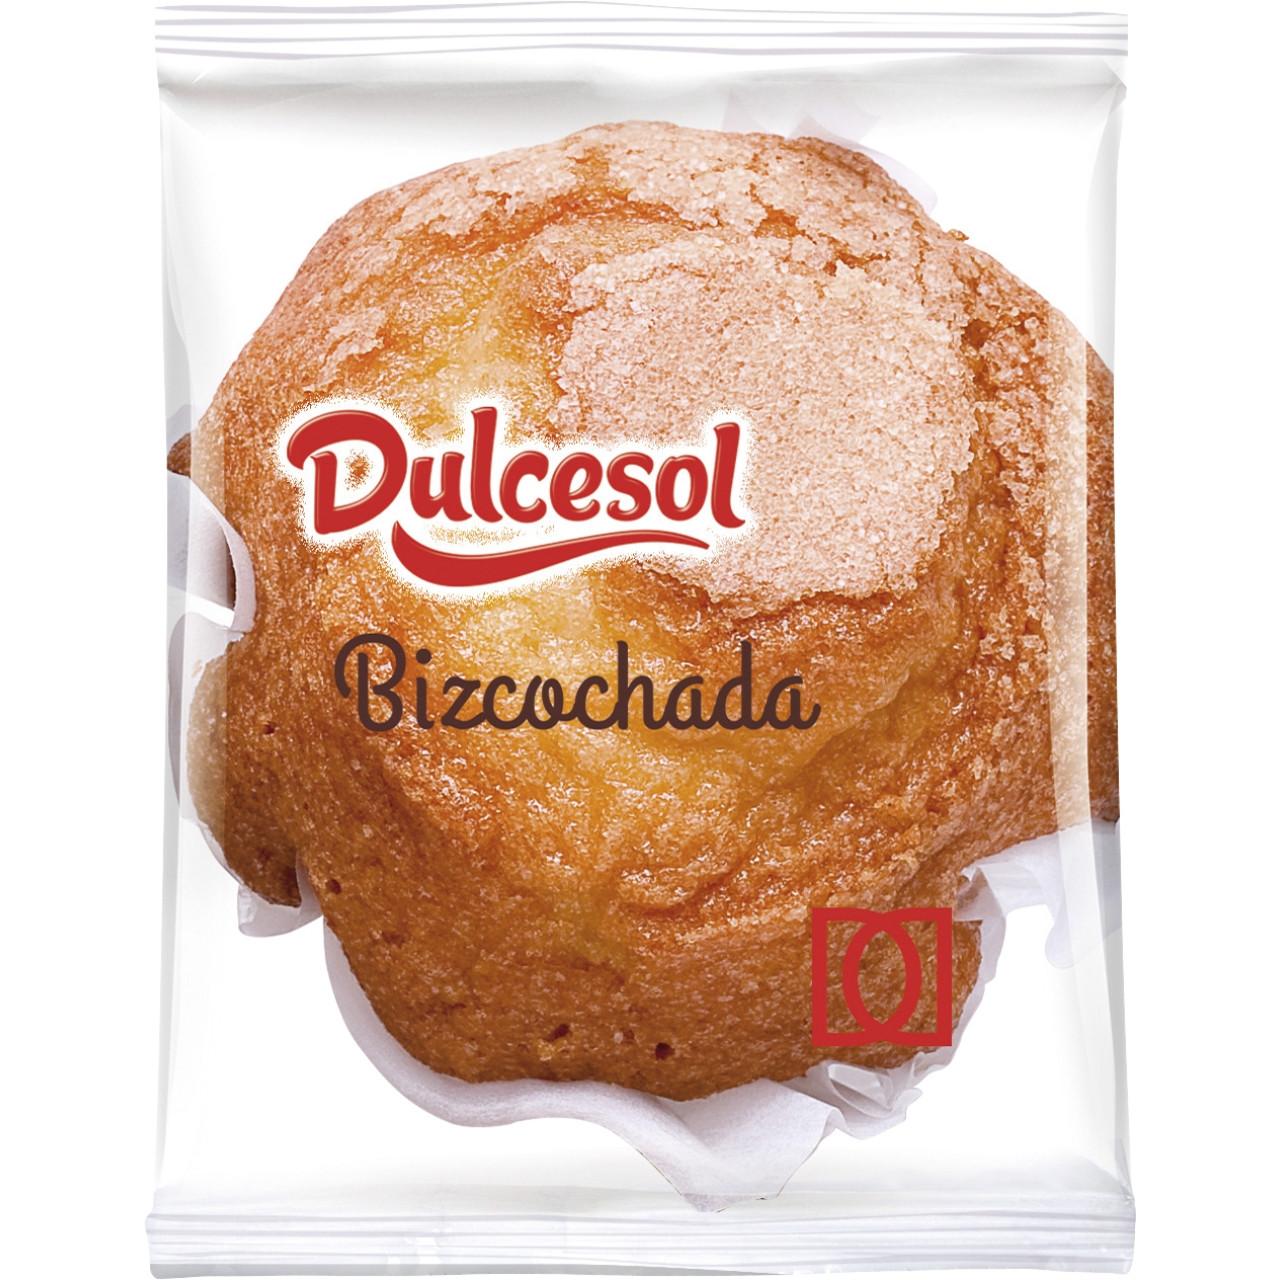 Dulcesol-bizcochadas 65g-30u